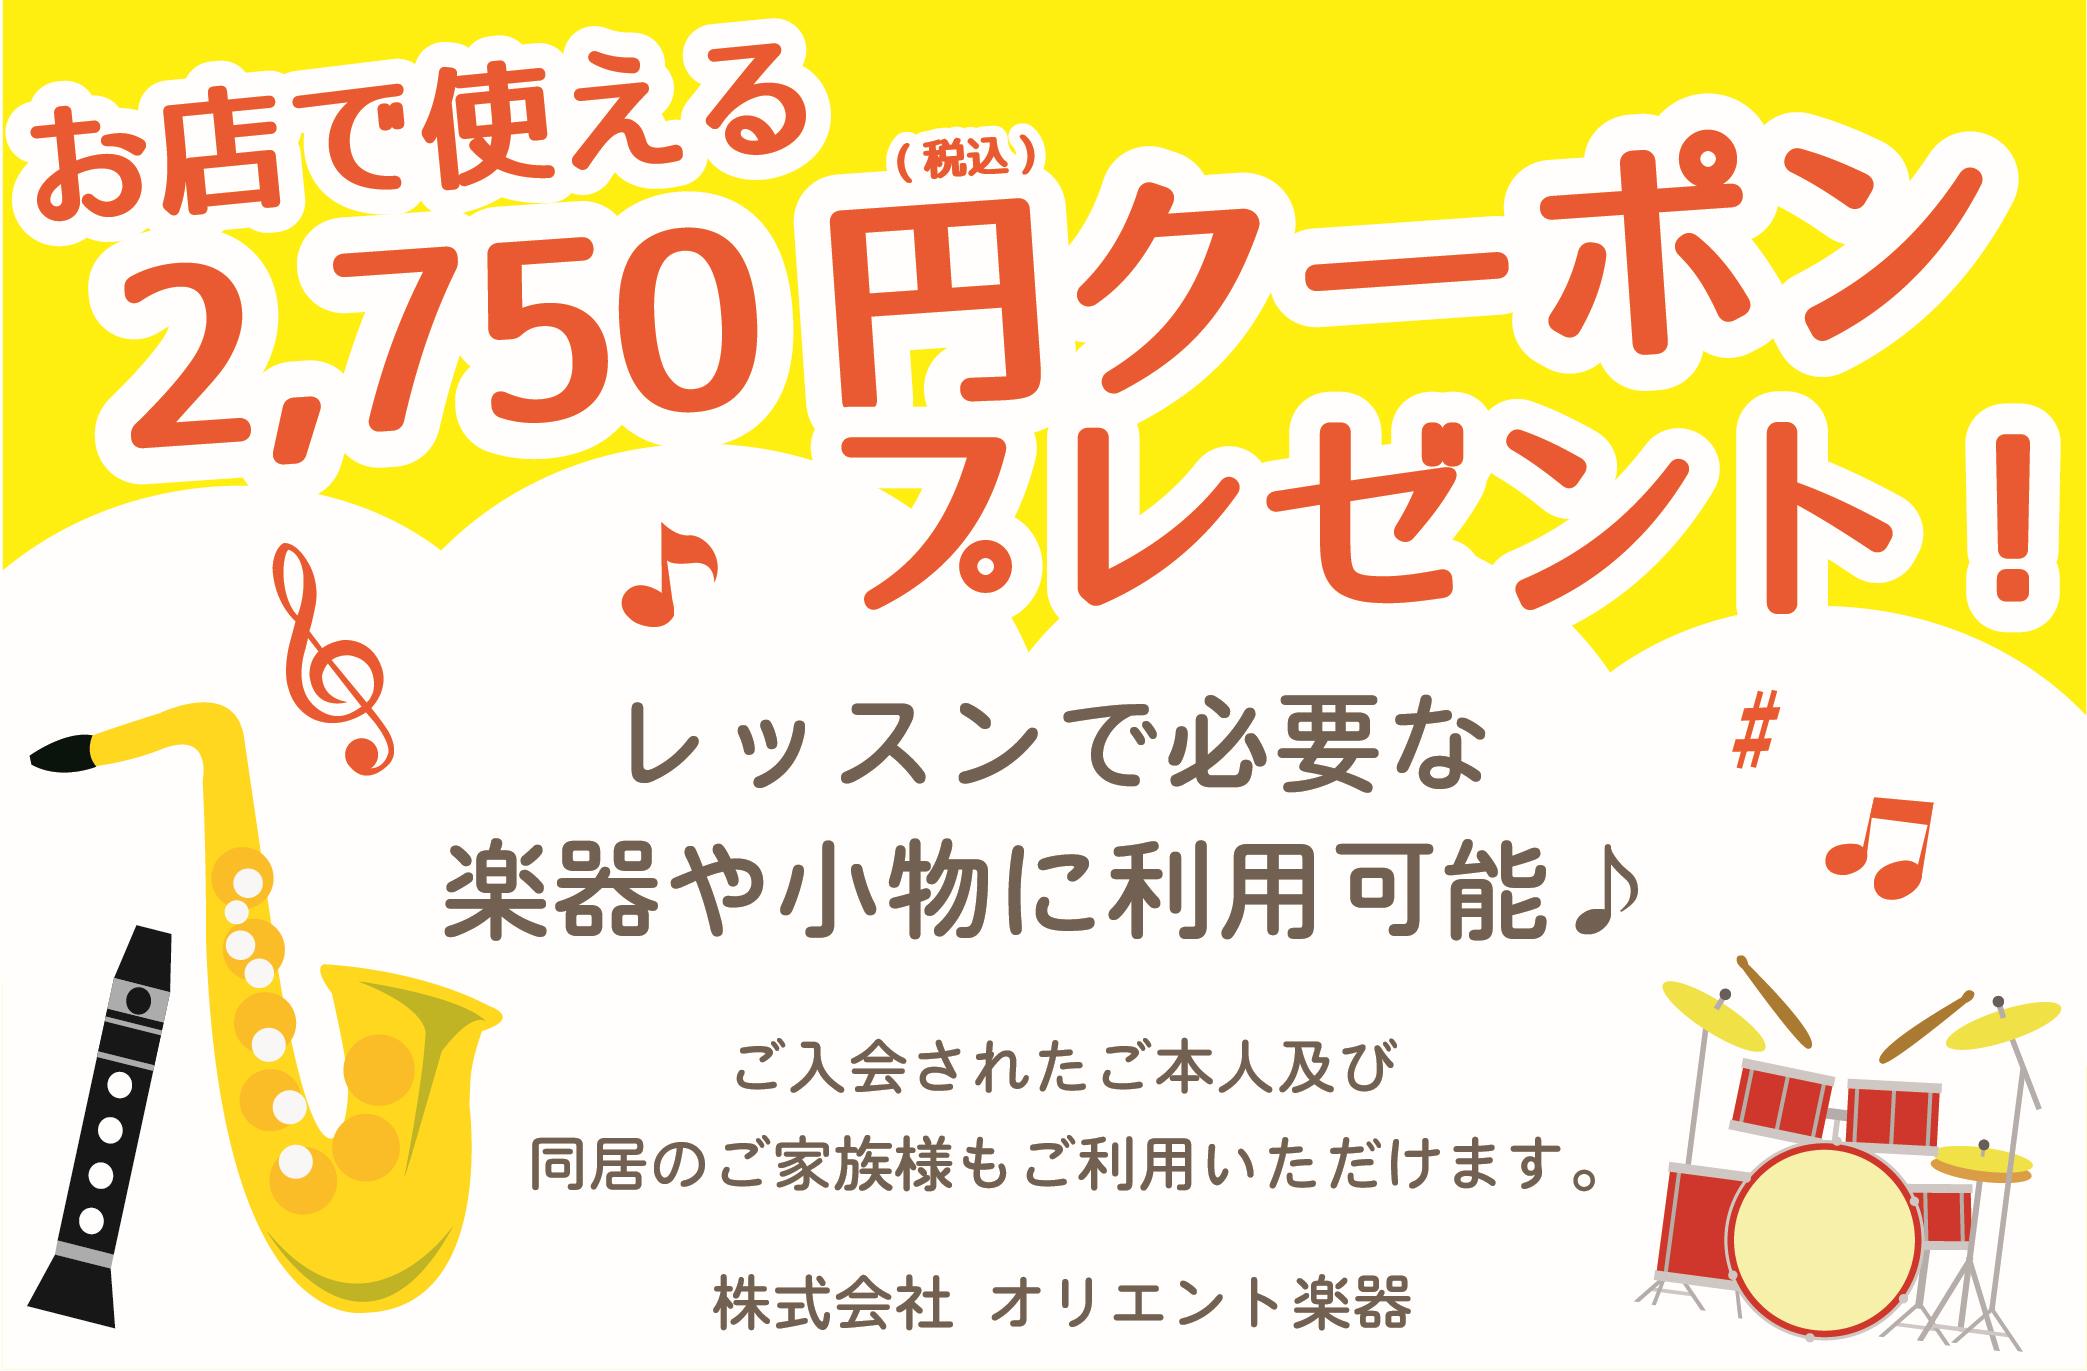 ミュージックレッスンへご入会の方へ お店でつかえる2,750円(税込)クーポン プレゼント!